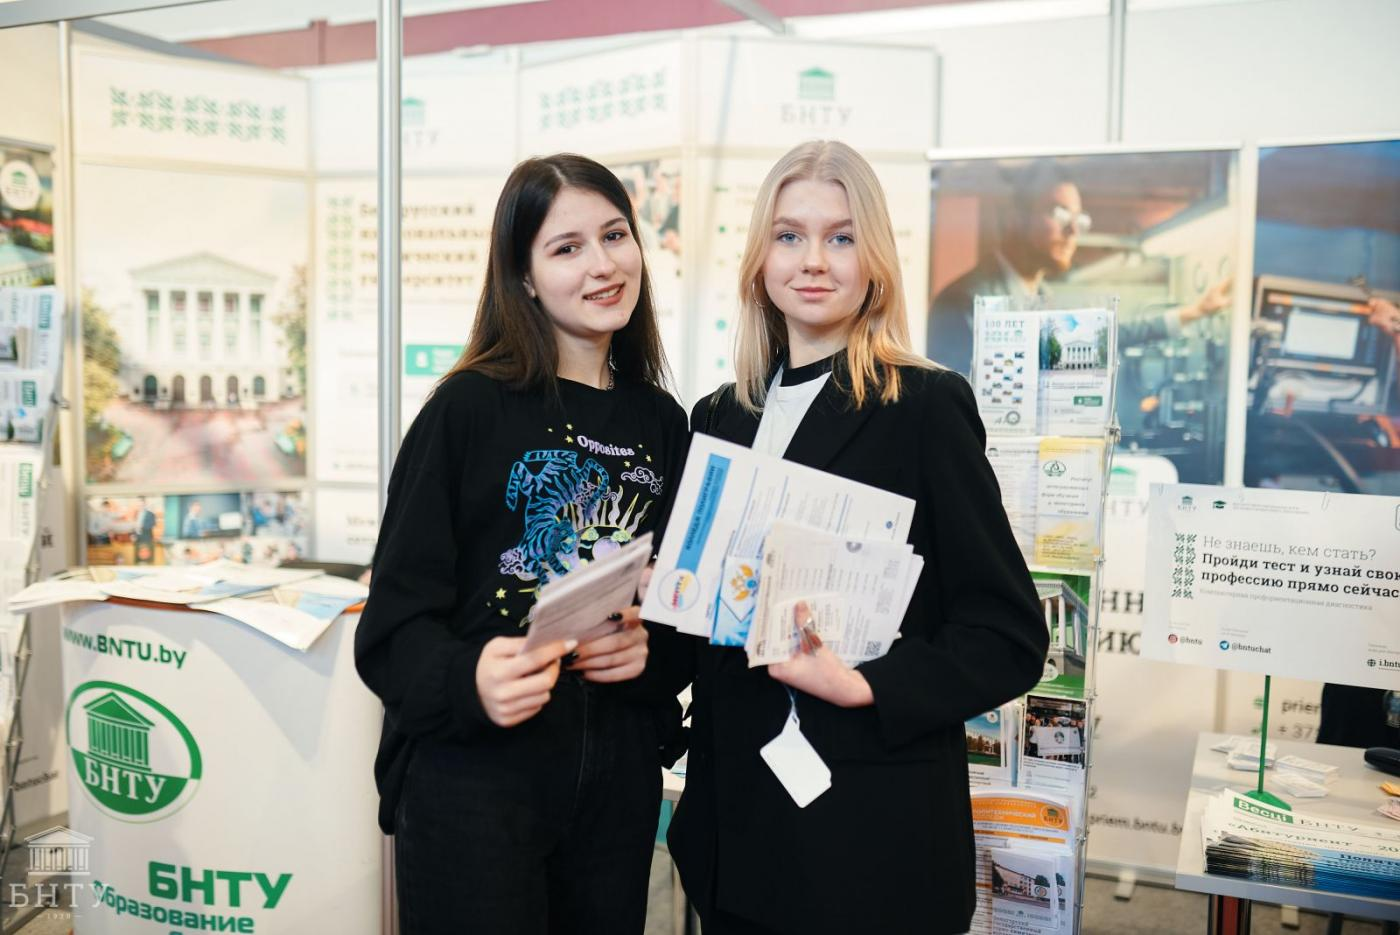 БНТУ принимает участие в выставке «Образование и карьера»